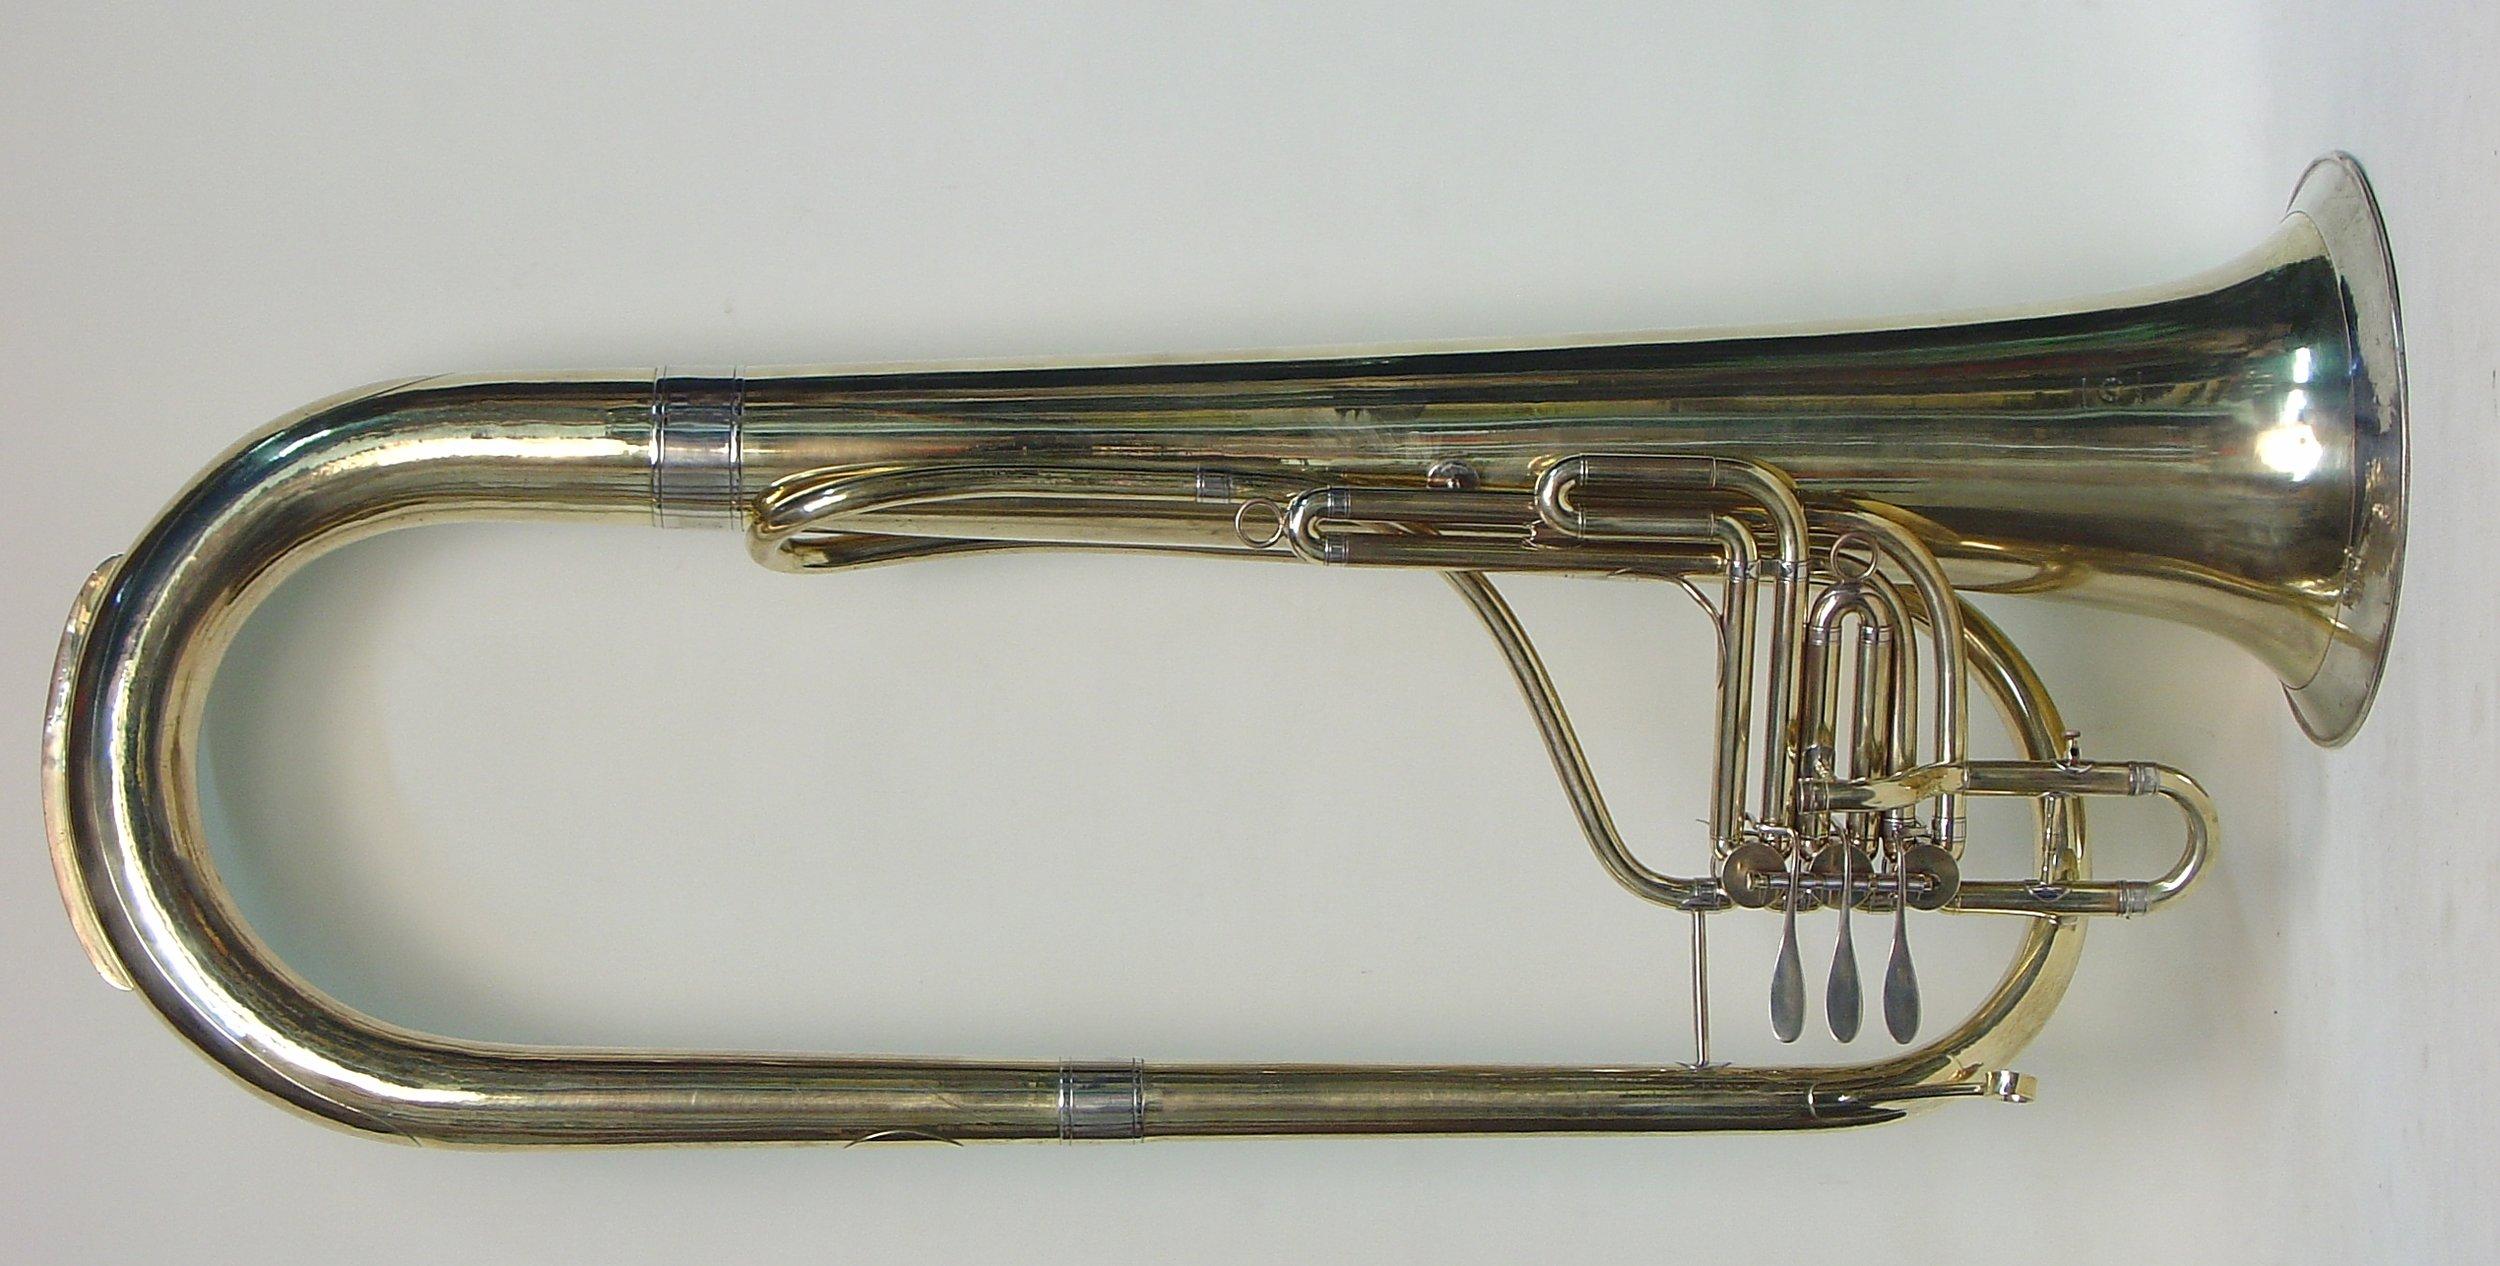 Centennial Model Tuba by Henry Lehnert